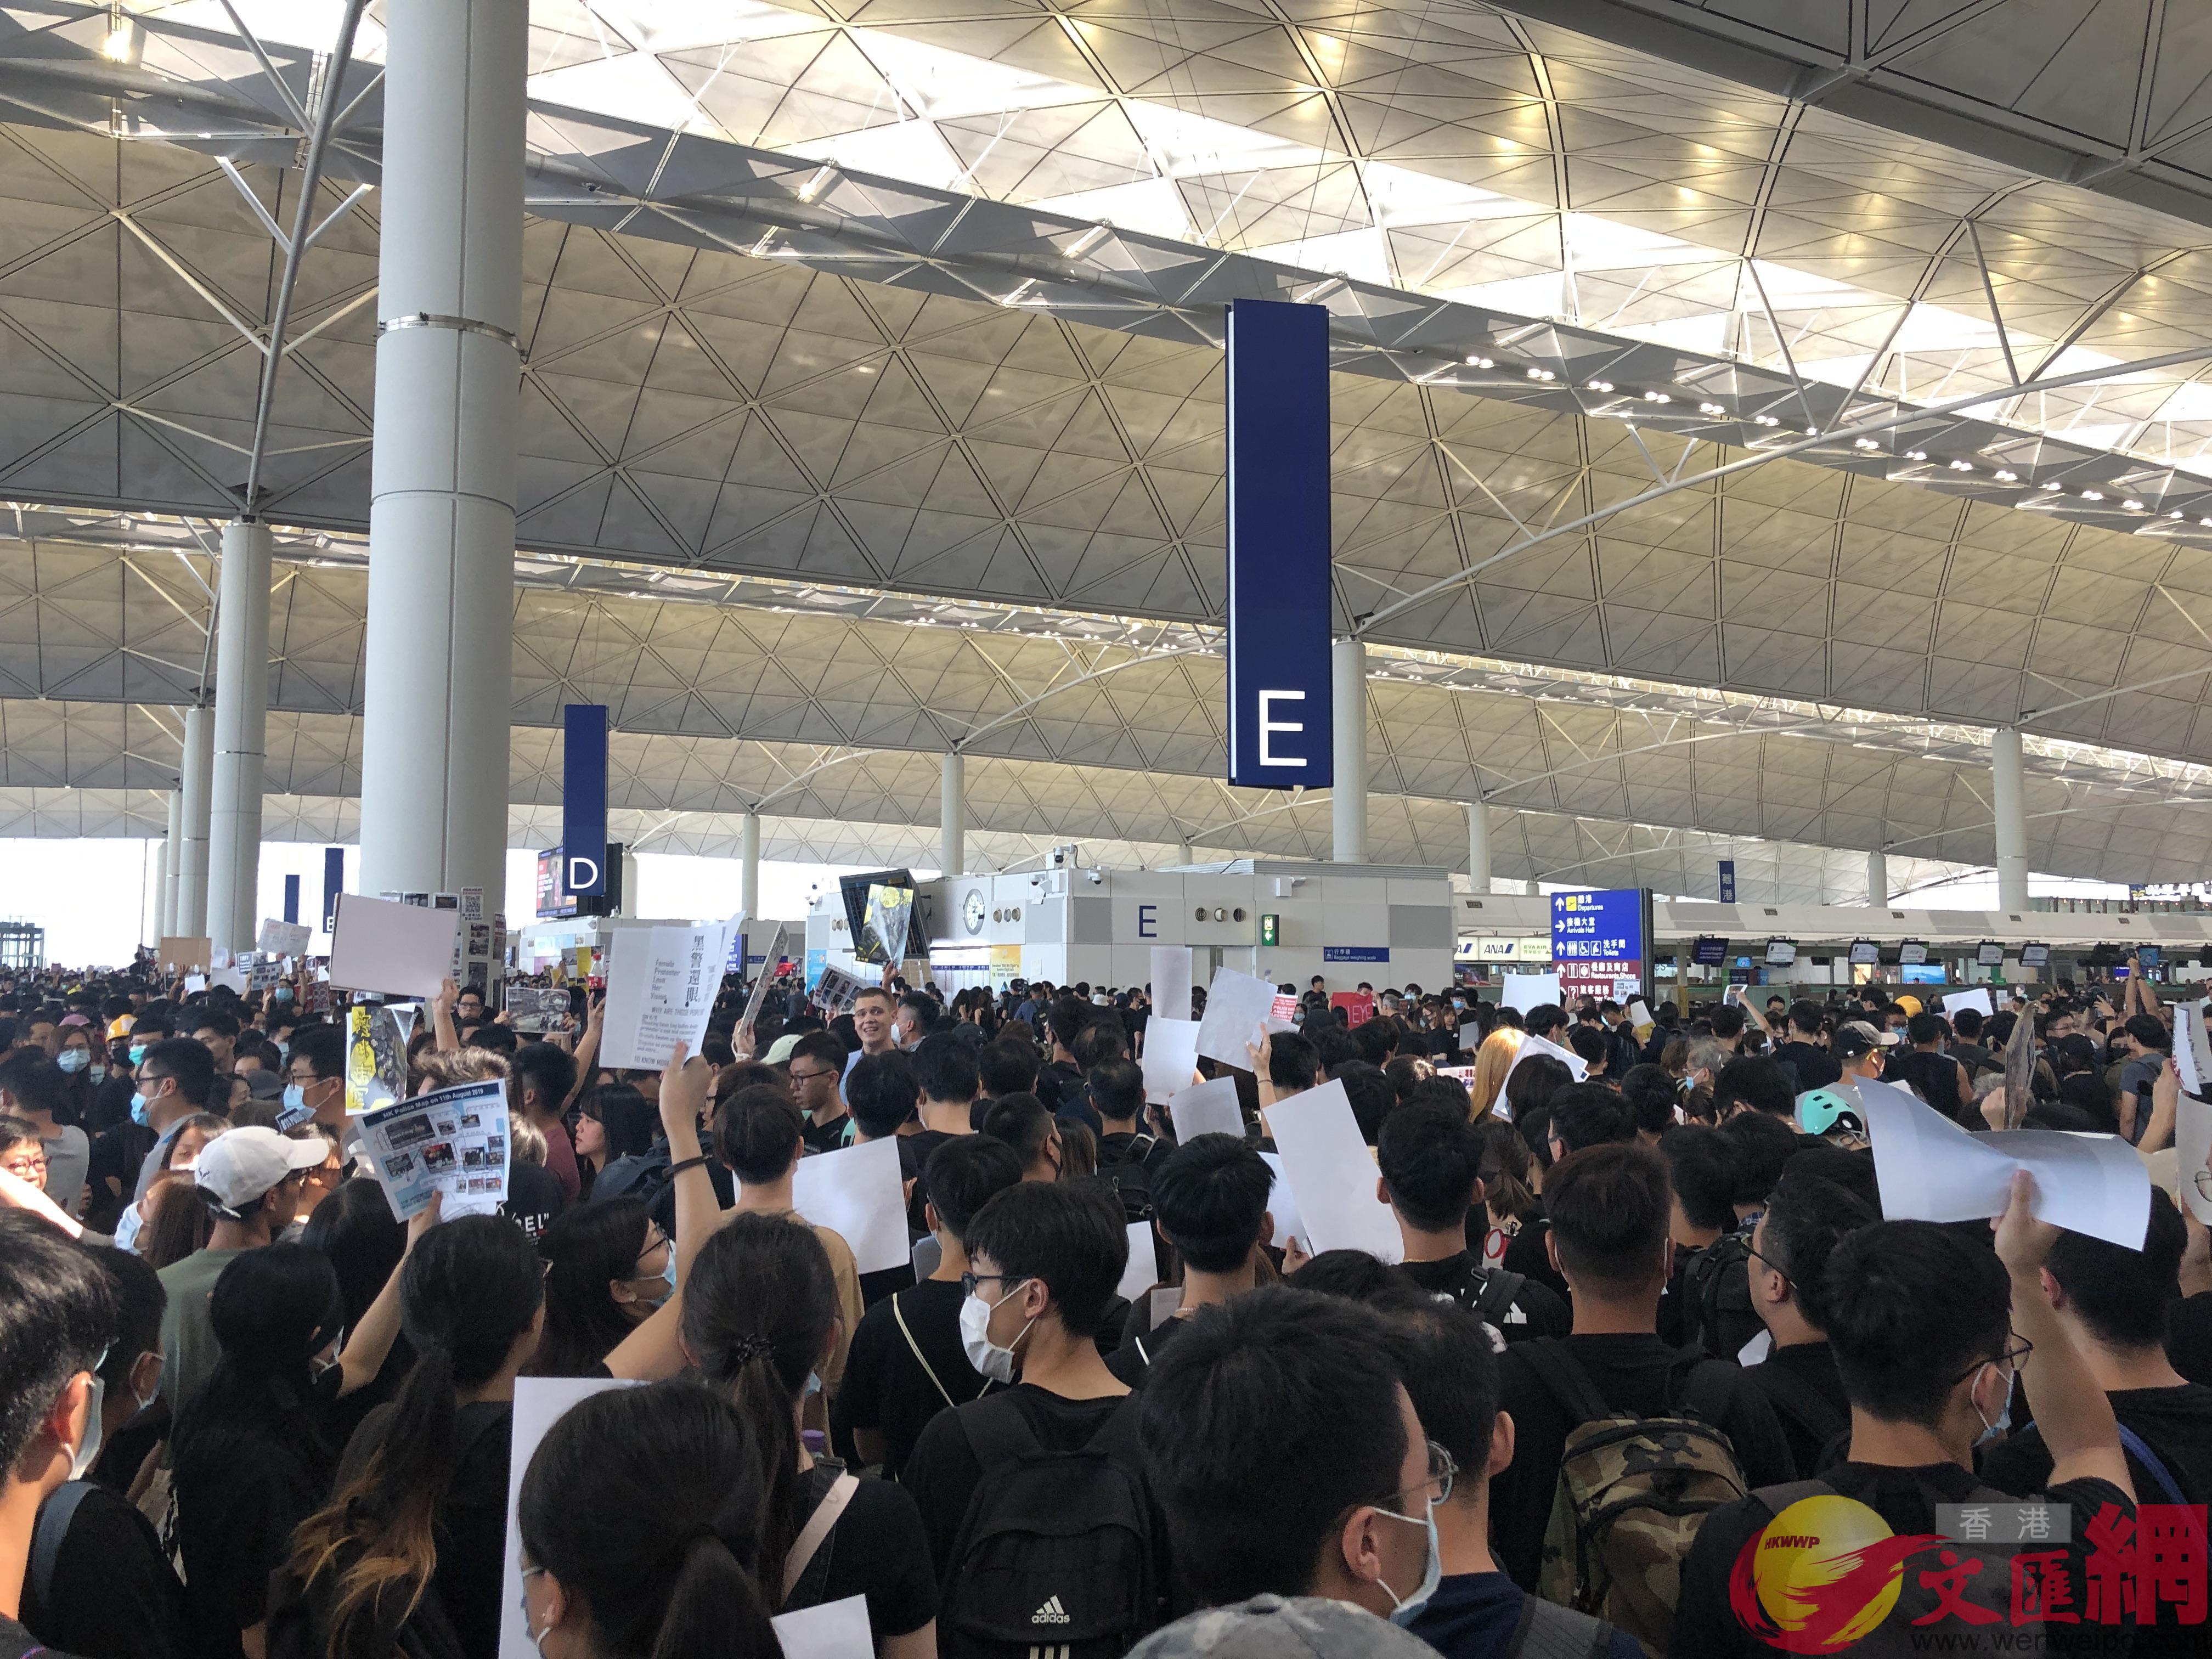 黑衣人癱瘓機場(大公文匯全媒體記者攝)